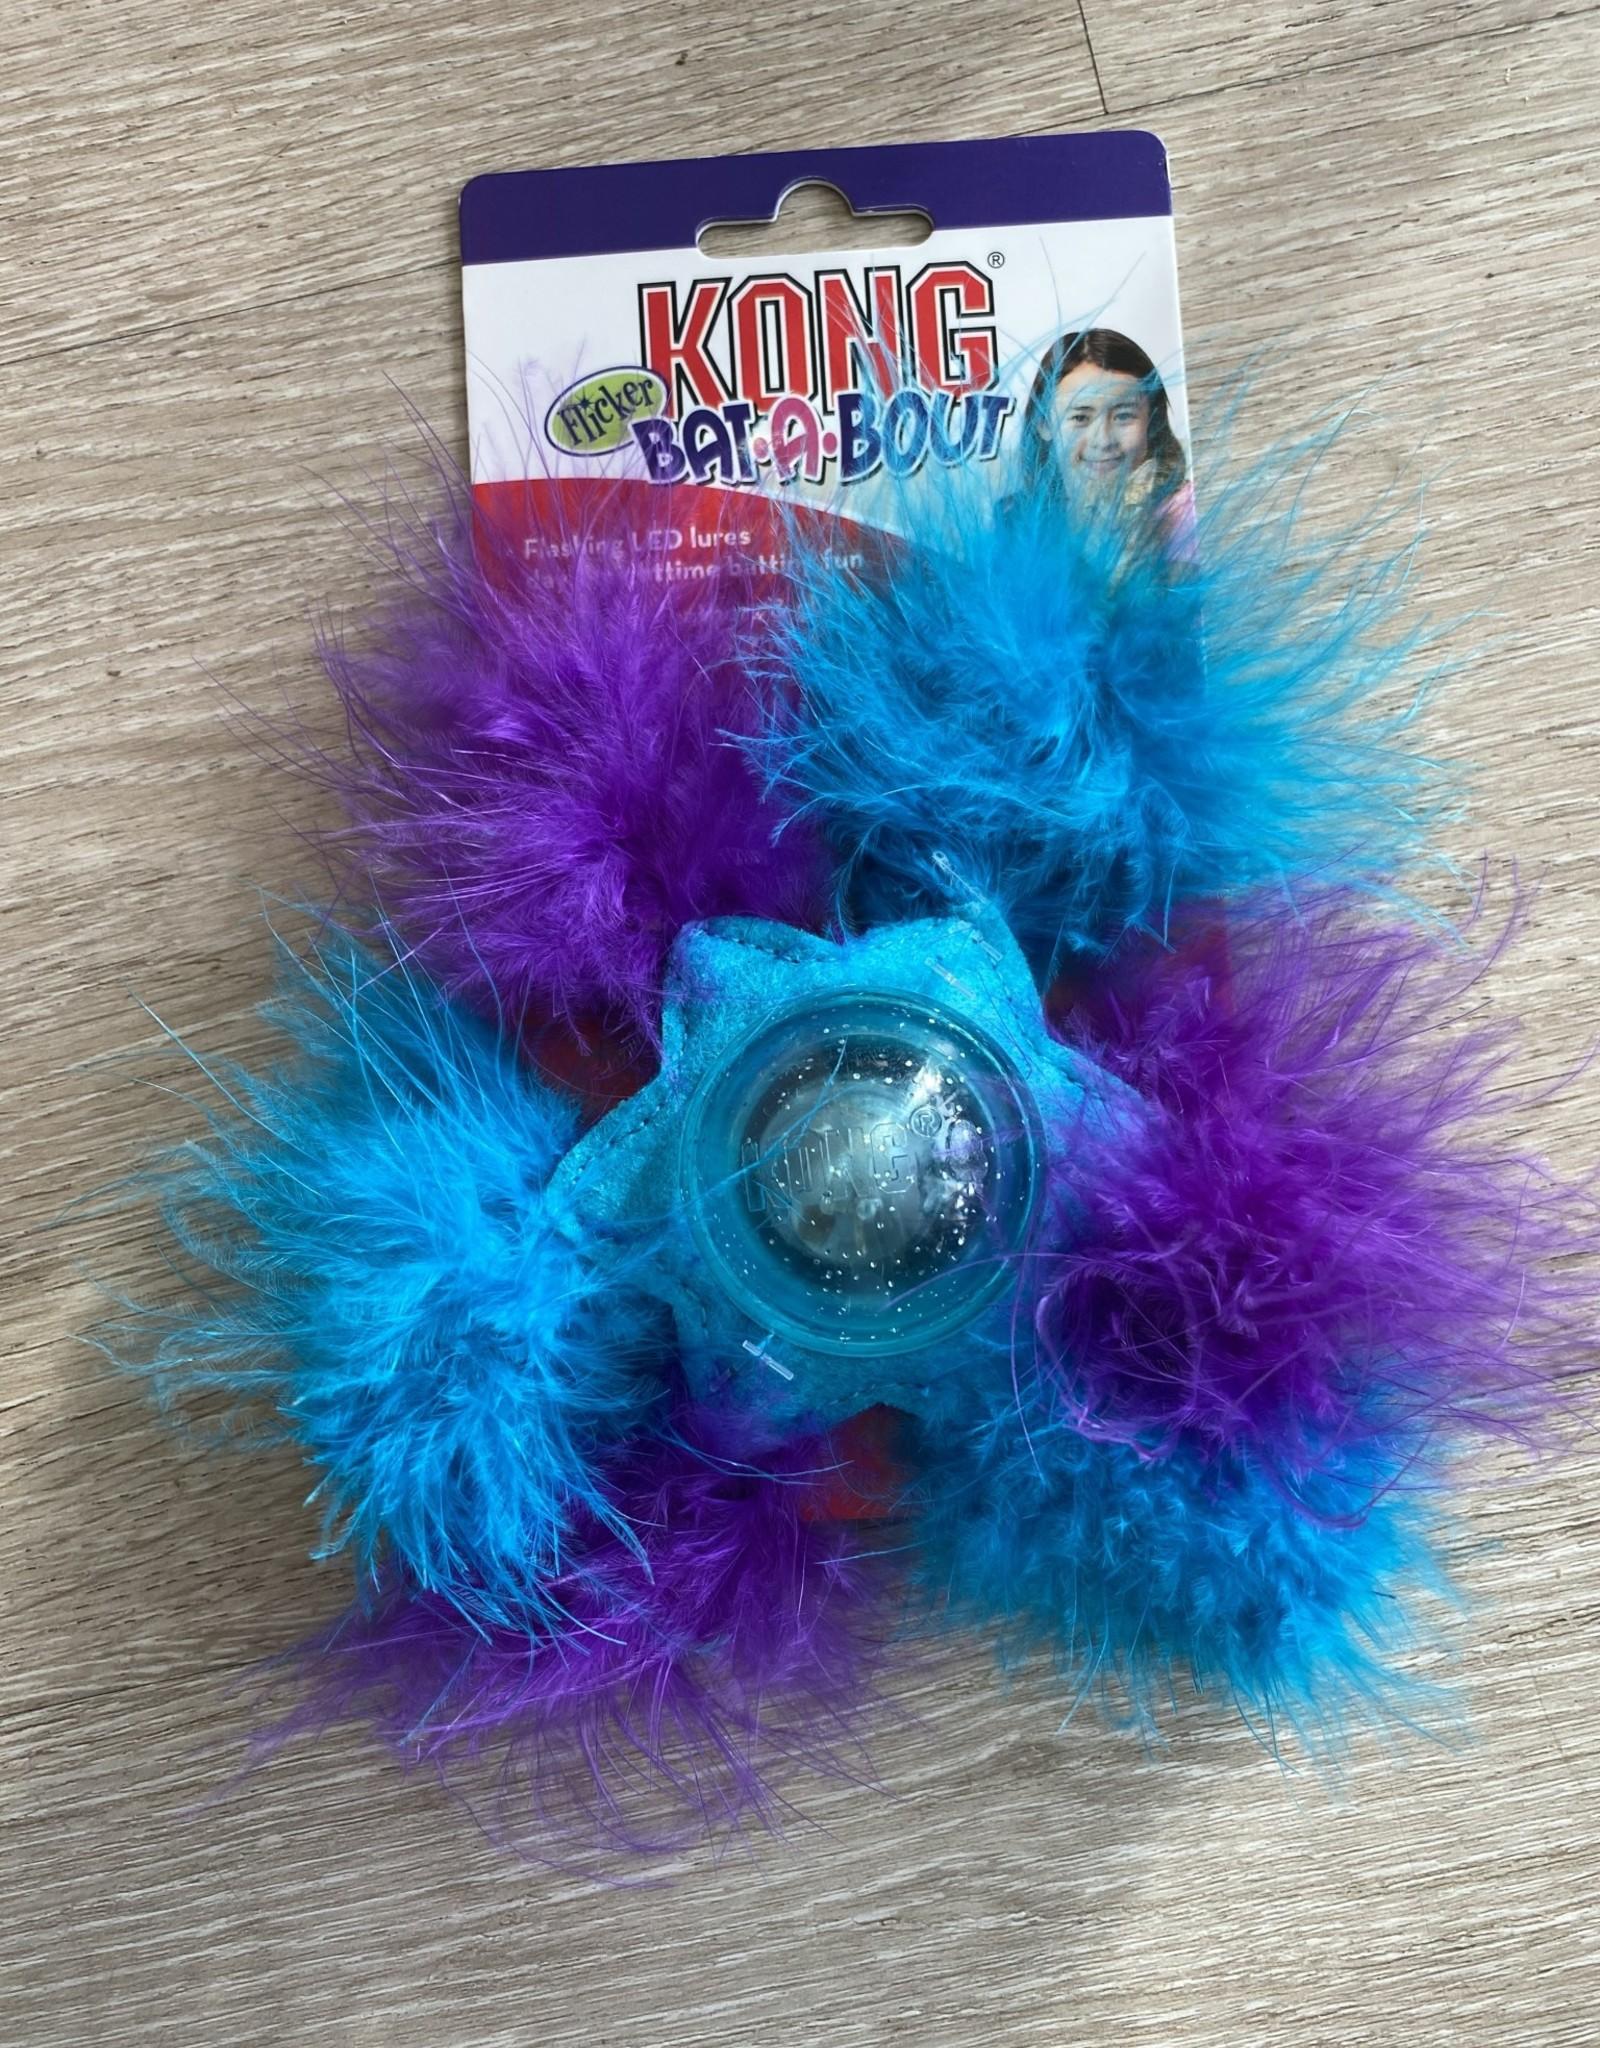 Kong Cat Batabout Flicker Flurry